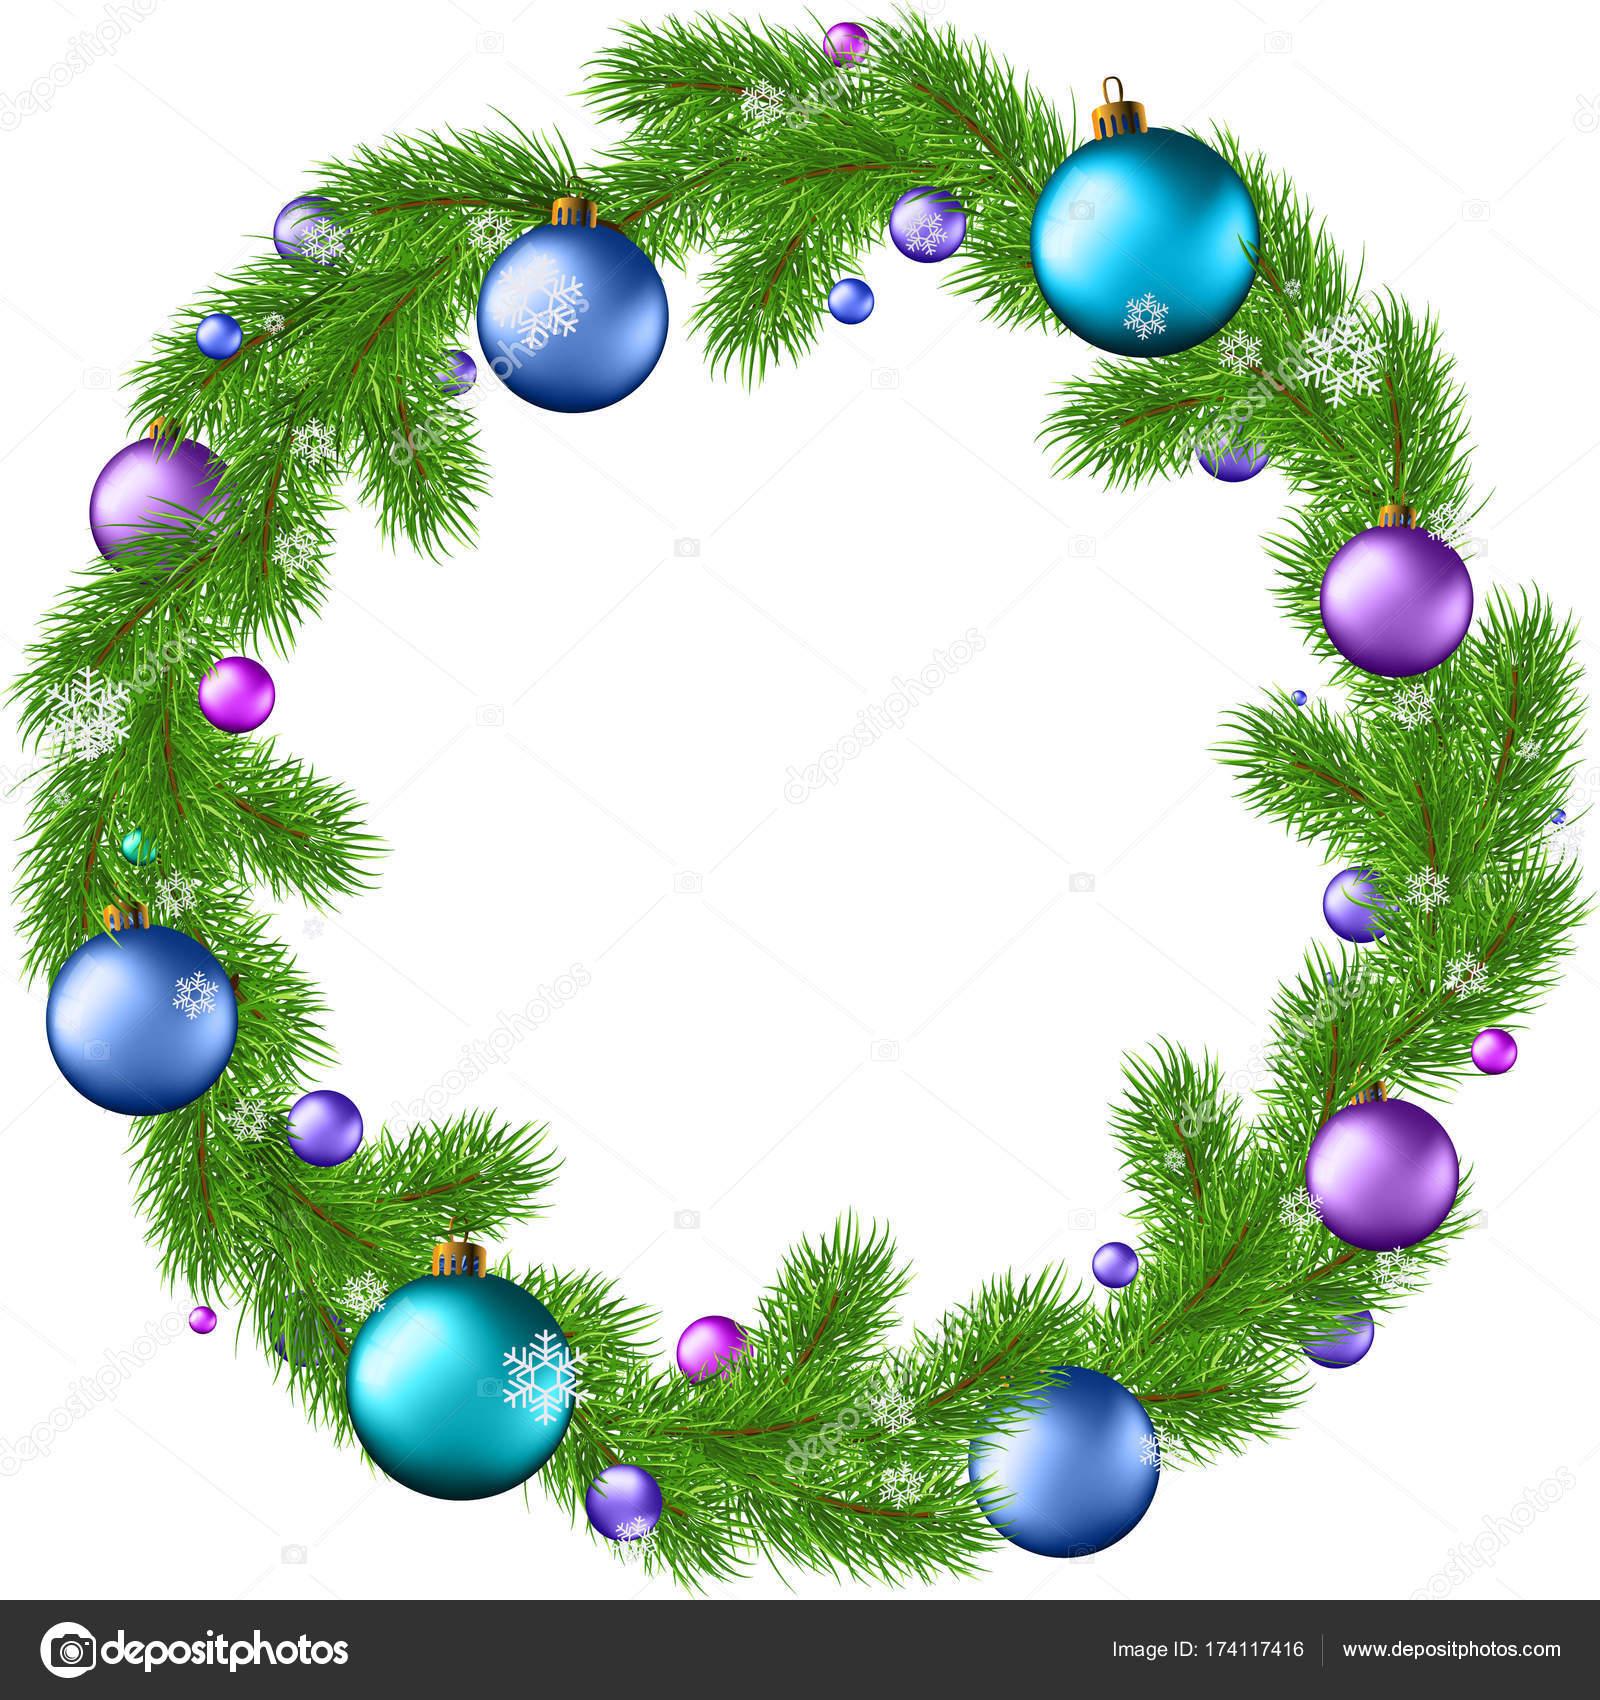 Holiday Wreaths Clip Art Vector Clipart Wreath Christmas New Year Stock Vector C Babanova 174117416